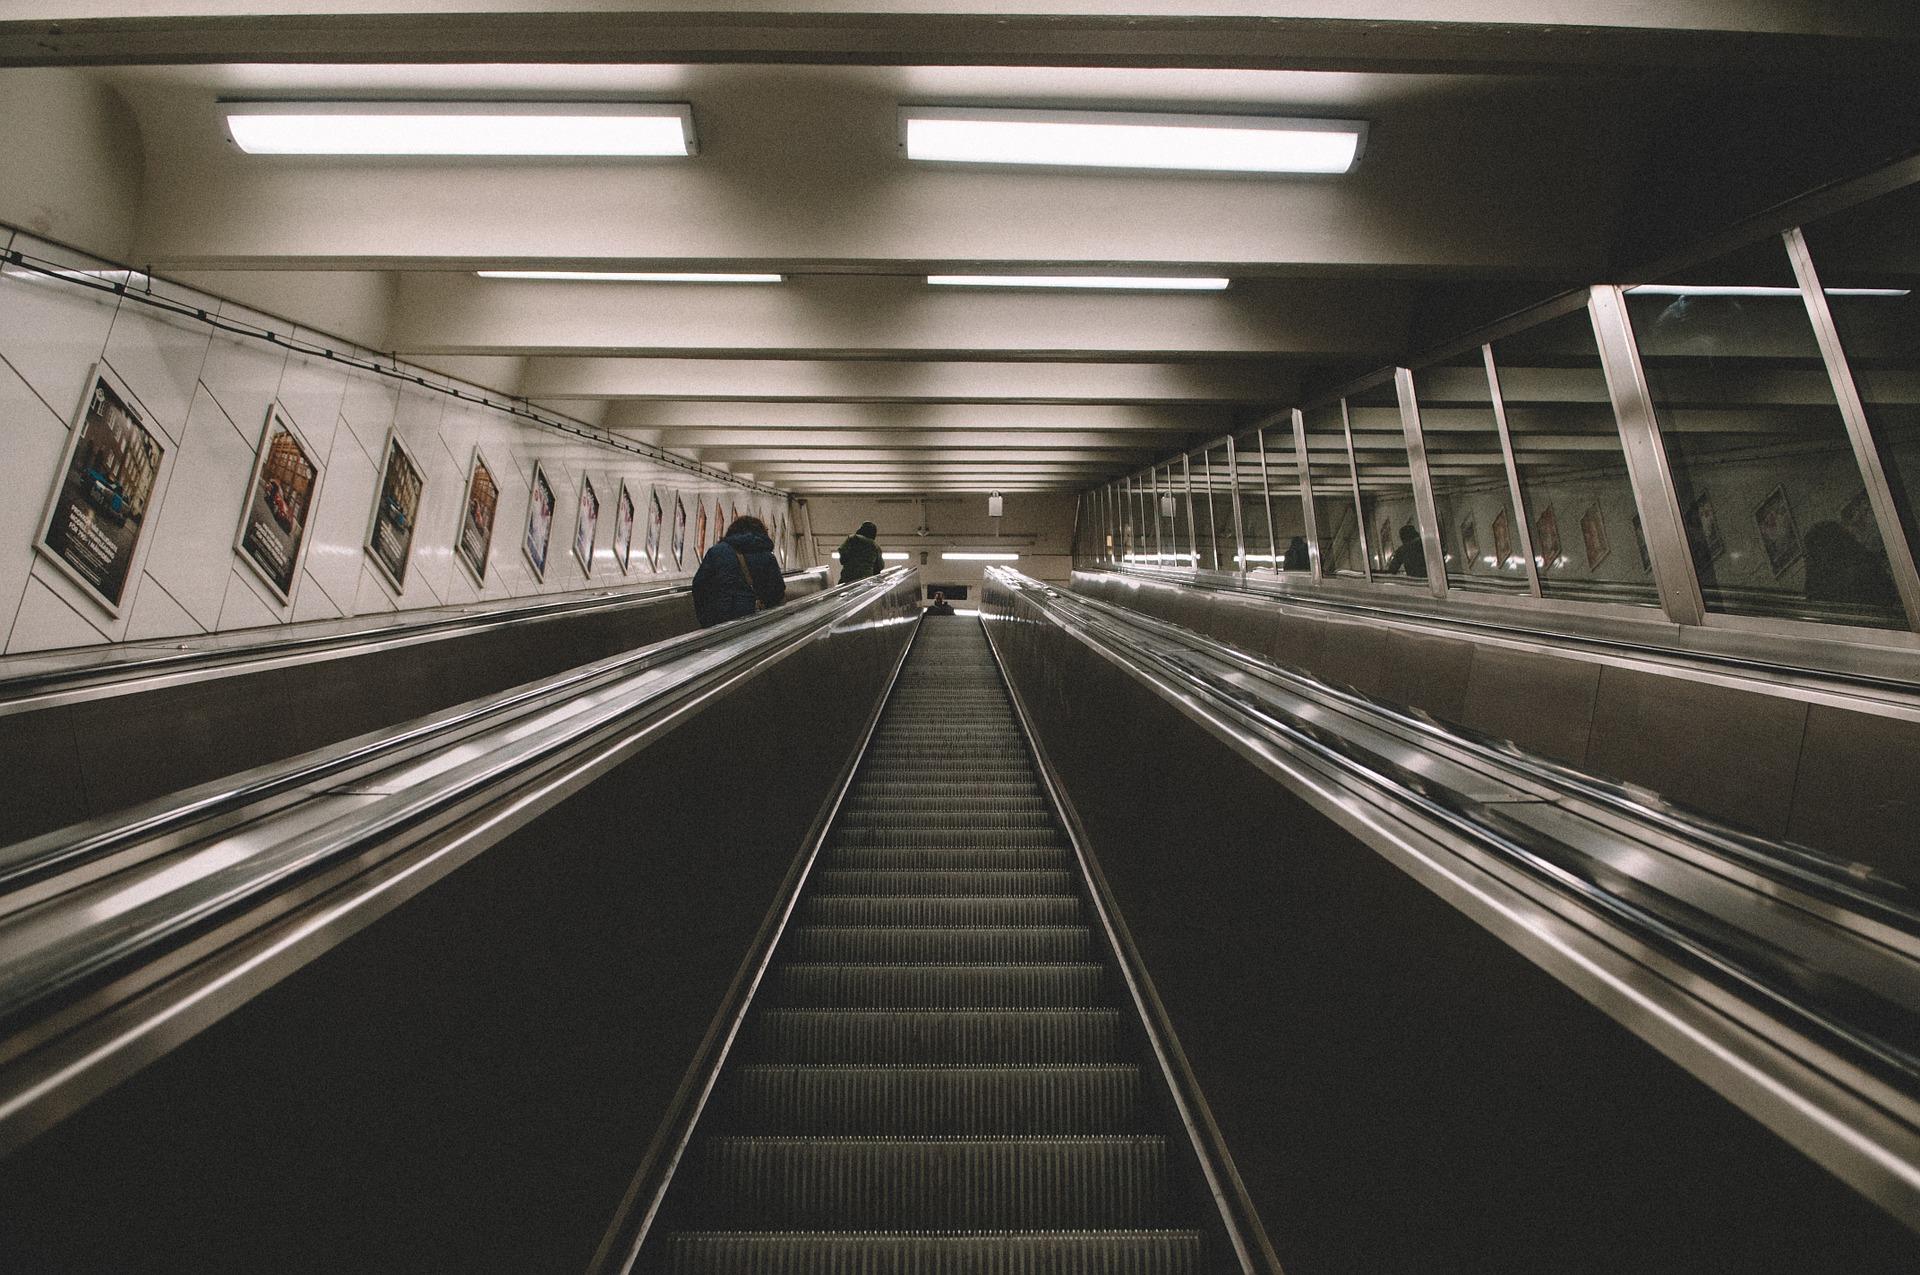 Самый длинный эскалатор метро начали монтировать в Москве - фото 1